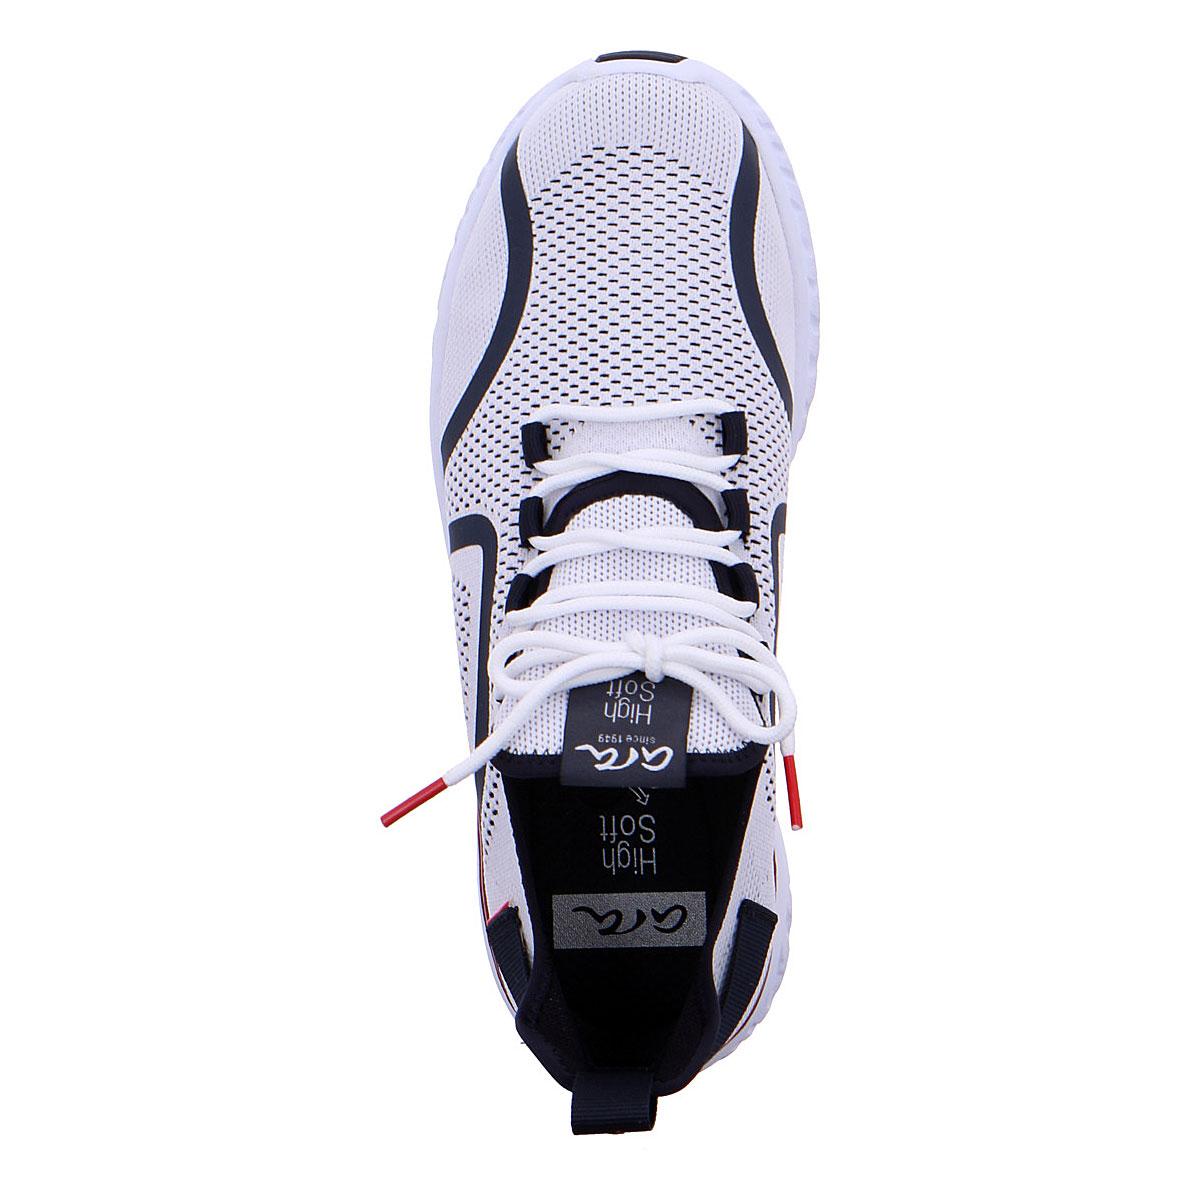 Мъжки спортни обувки от текстил ara 11-35070-07 цветове бяло, червено и синьо - снимка 3